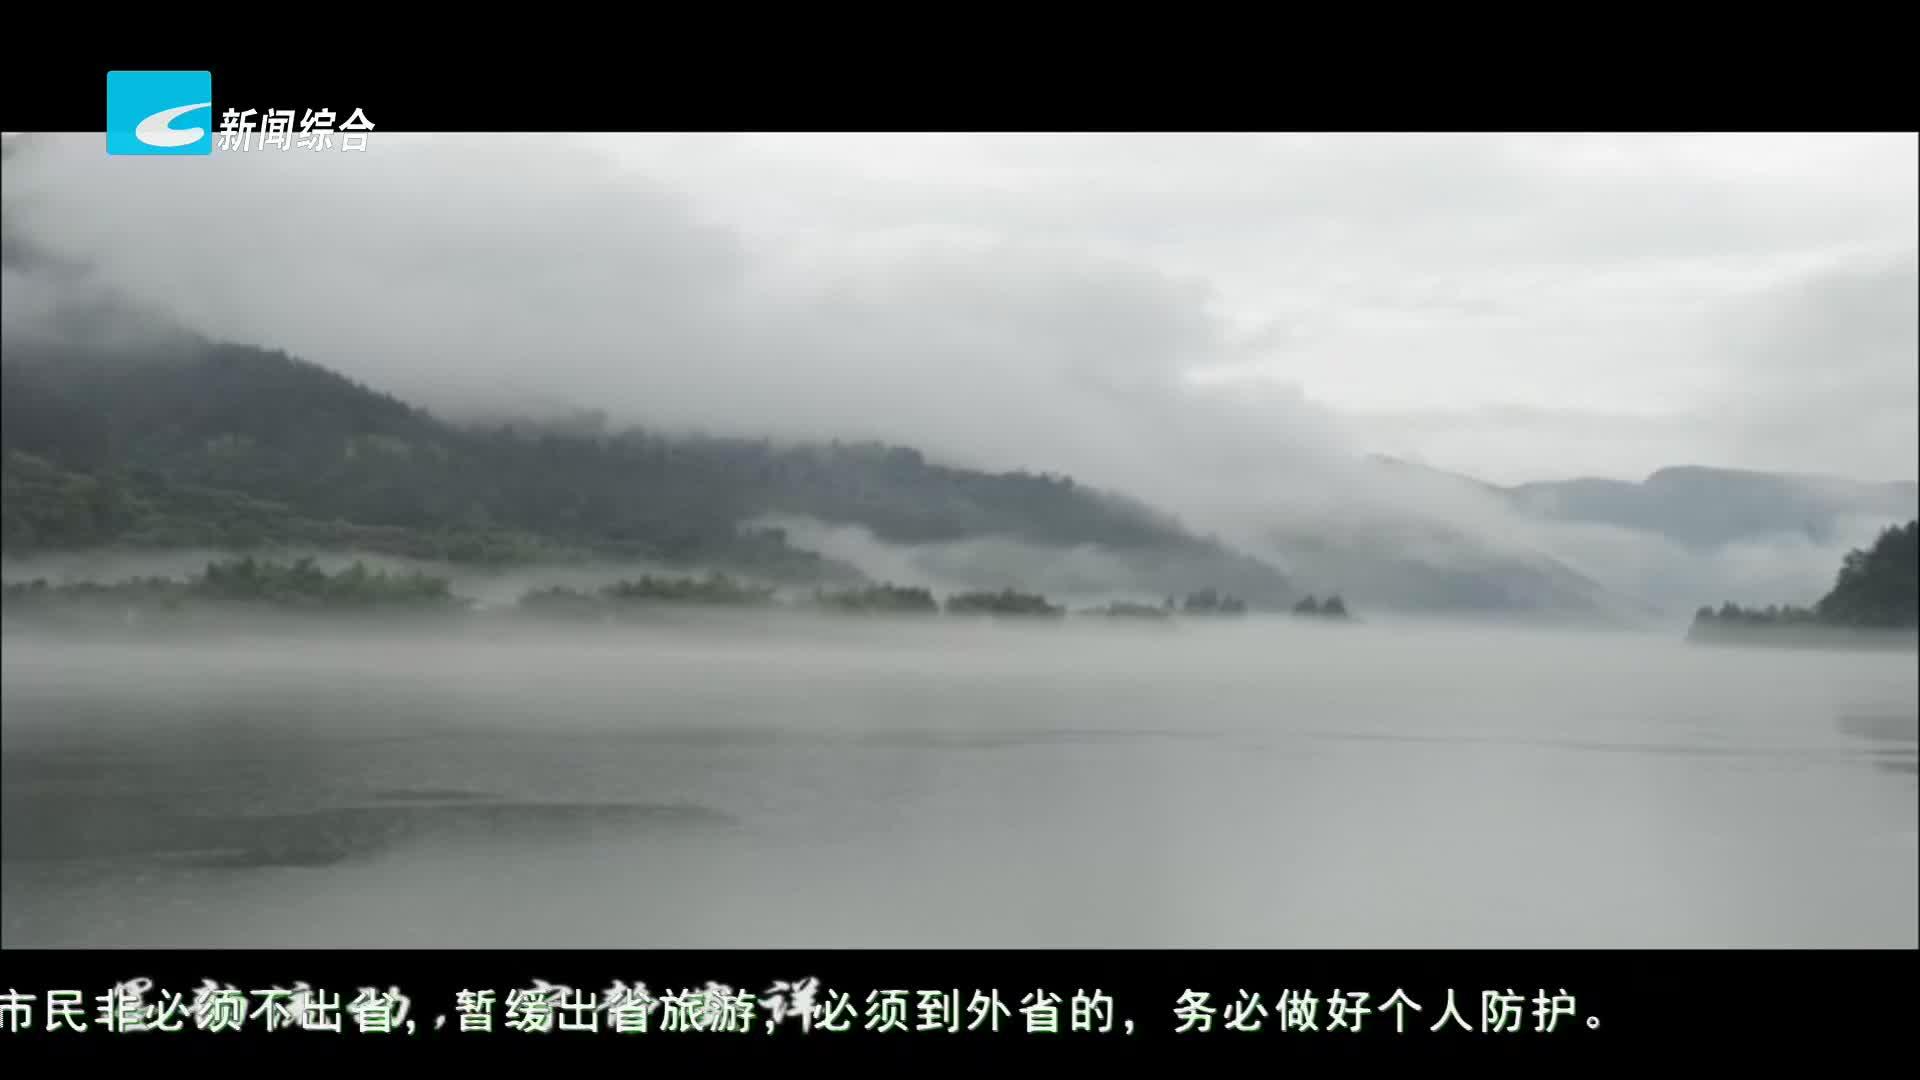 【绿谷采风】电视散文 生态丽水